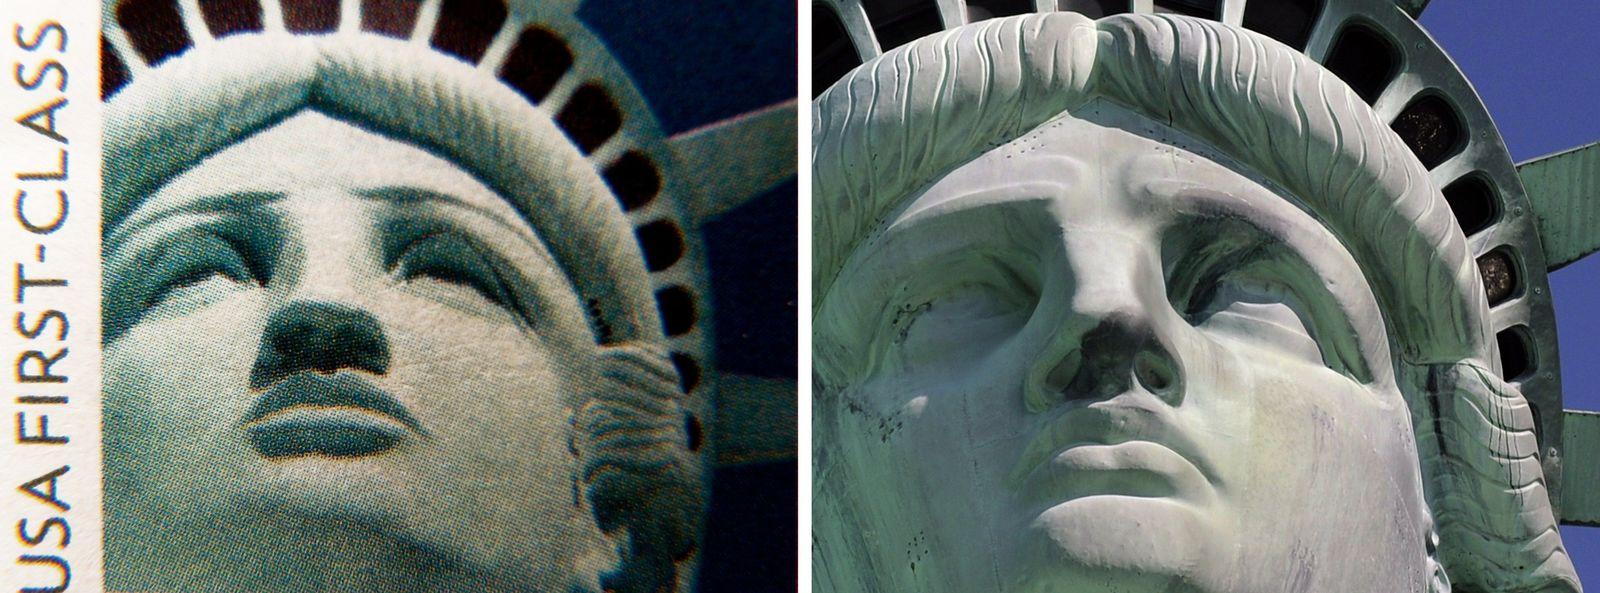 USA/ Briefmarken/ Freiheitsstatue/ Fehler